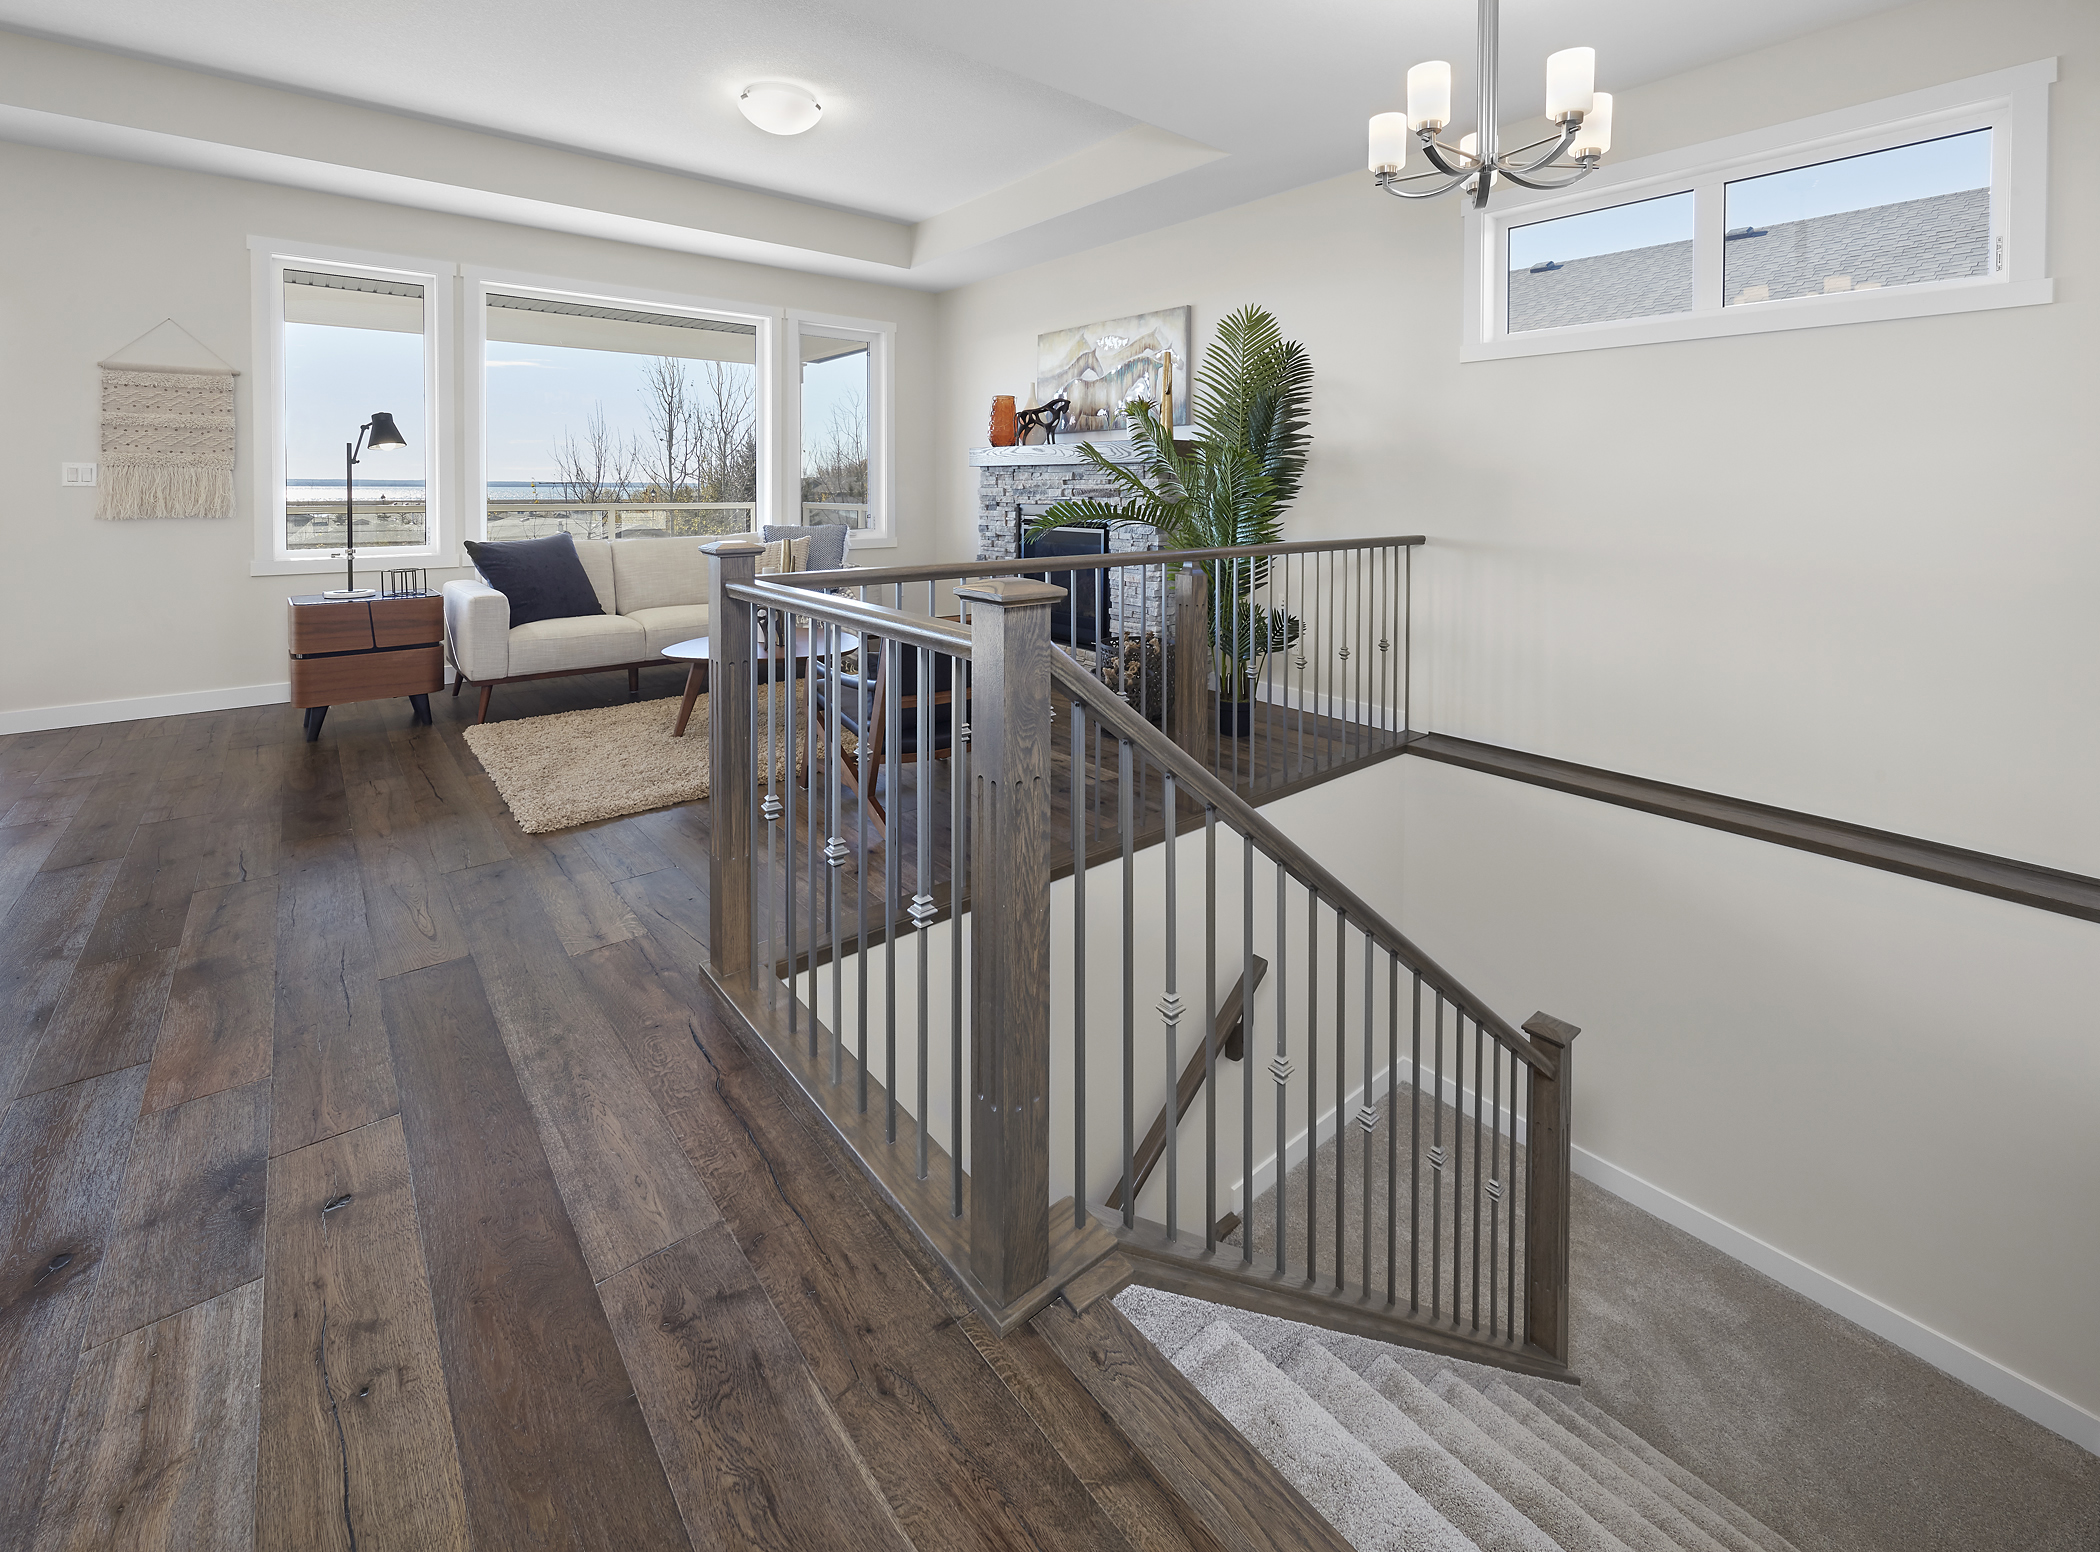 Main Floor | 1422 sq ft